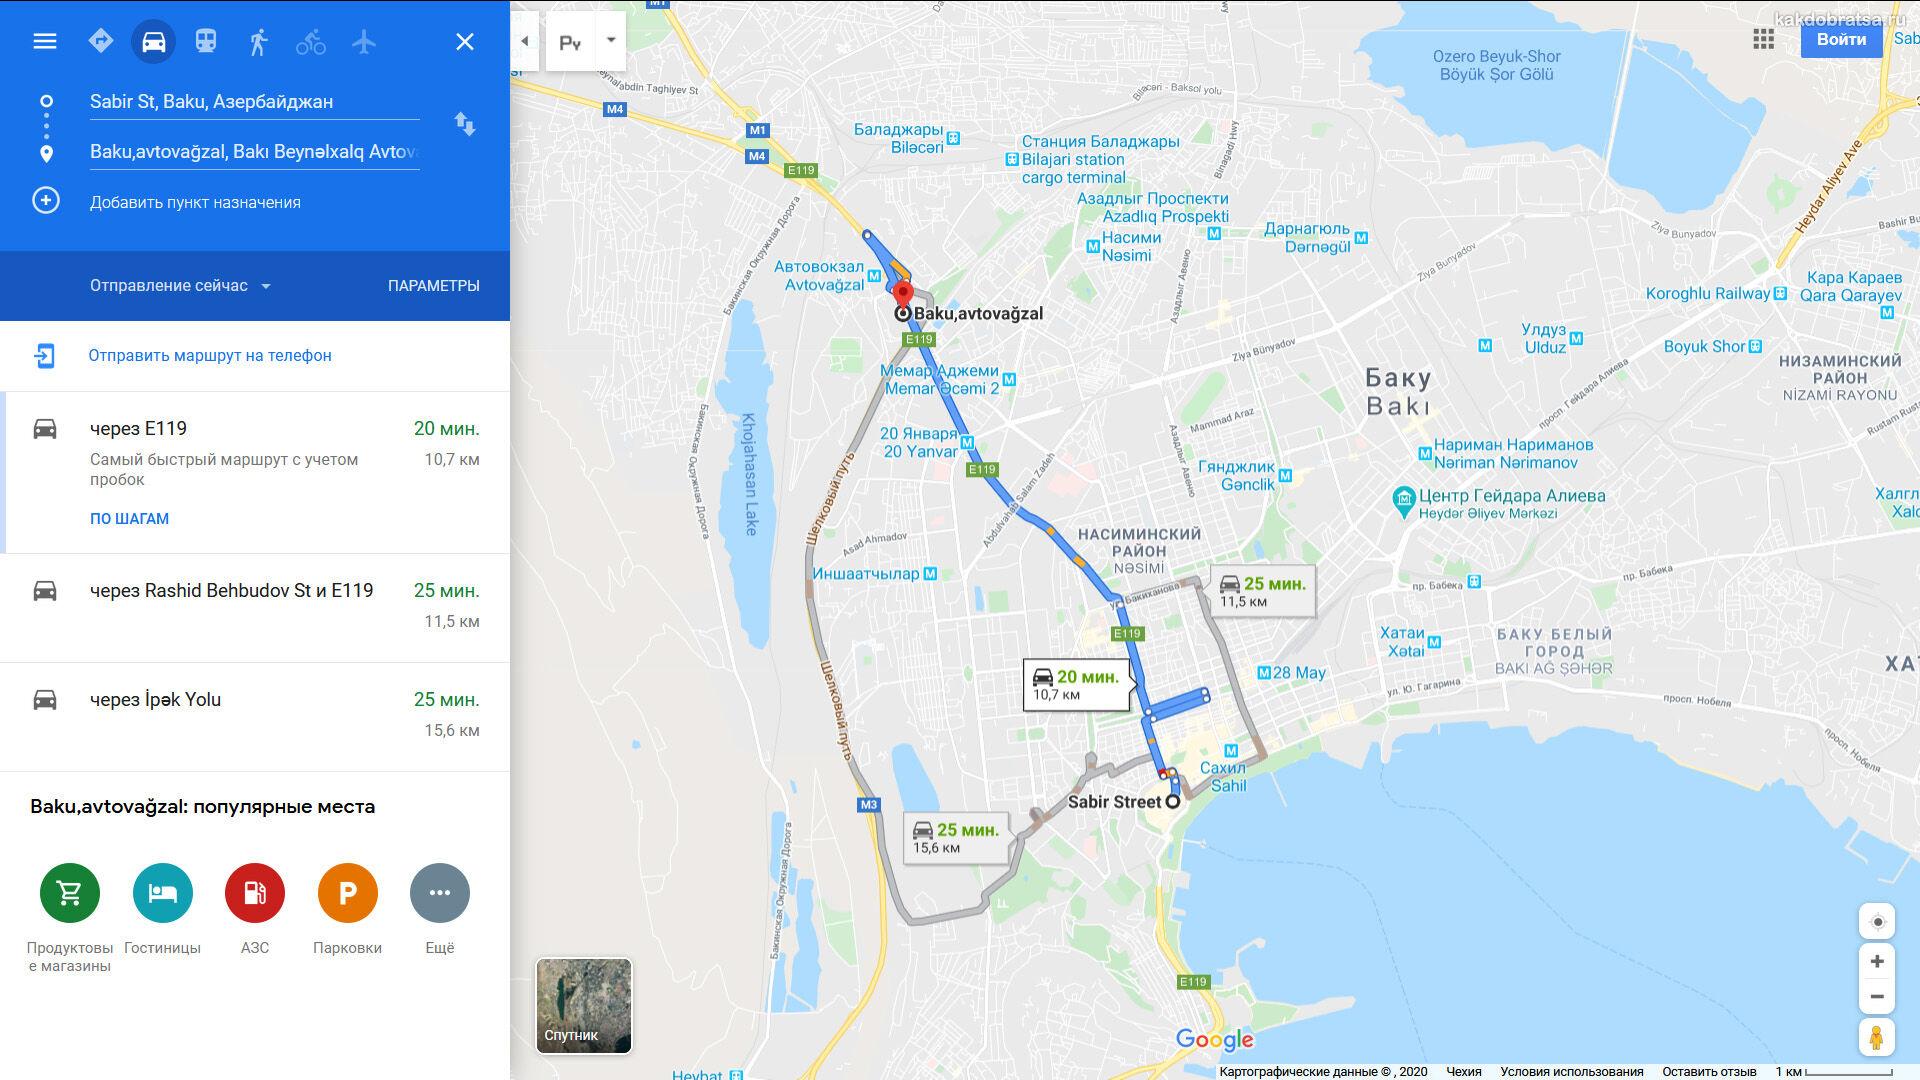 Автовокзал Баку на карте и расстояние до центра